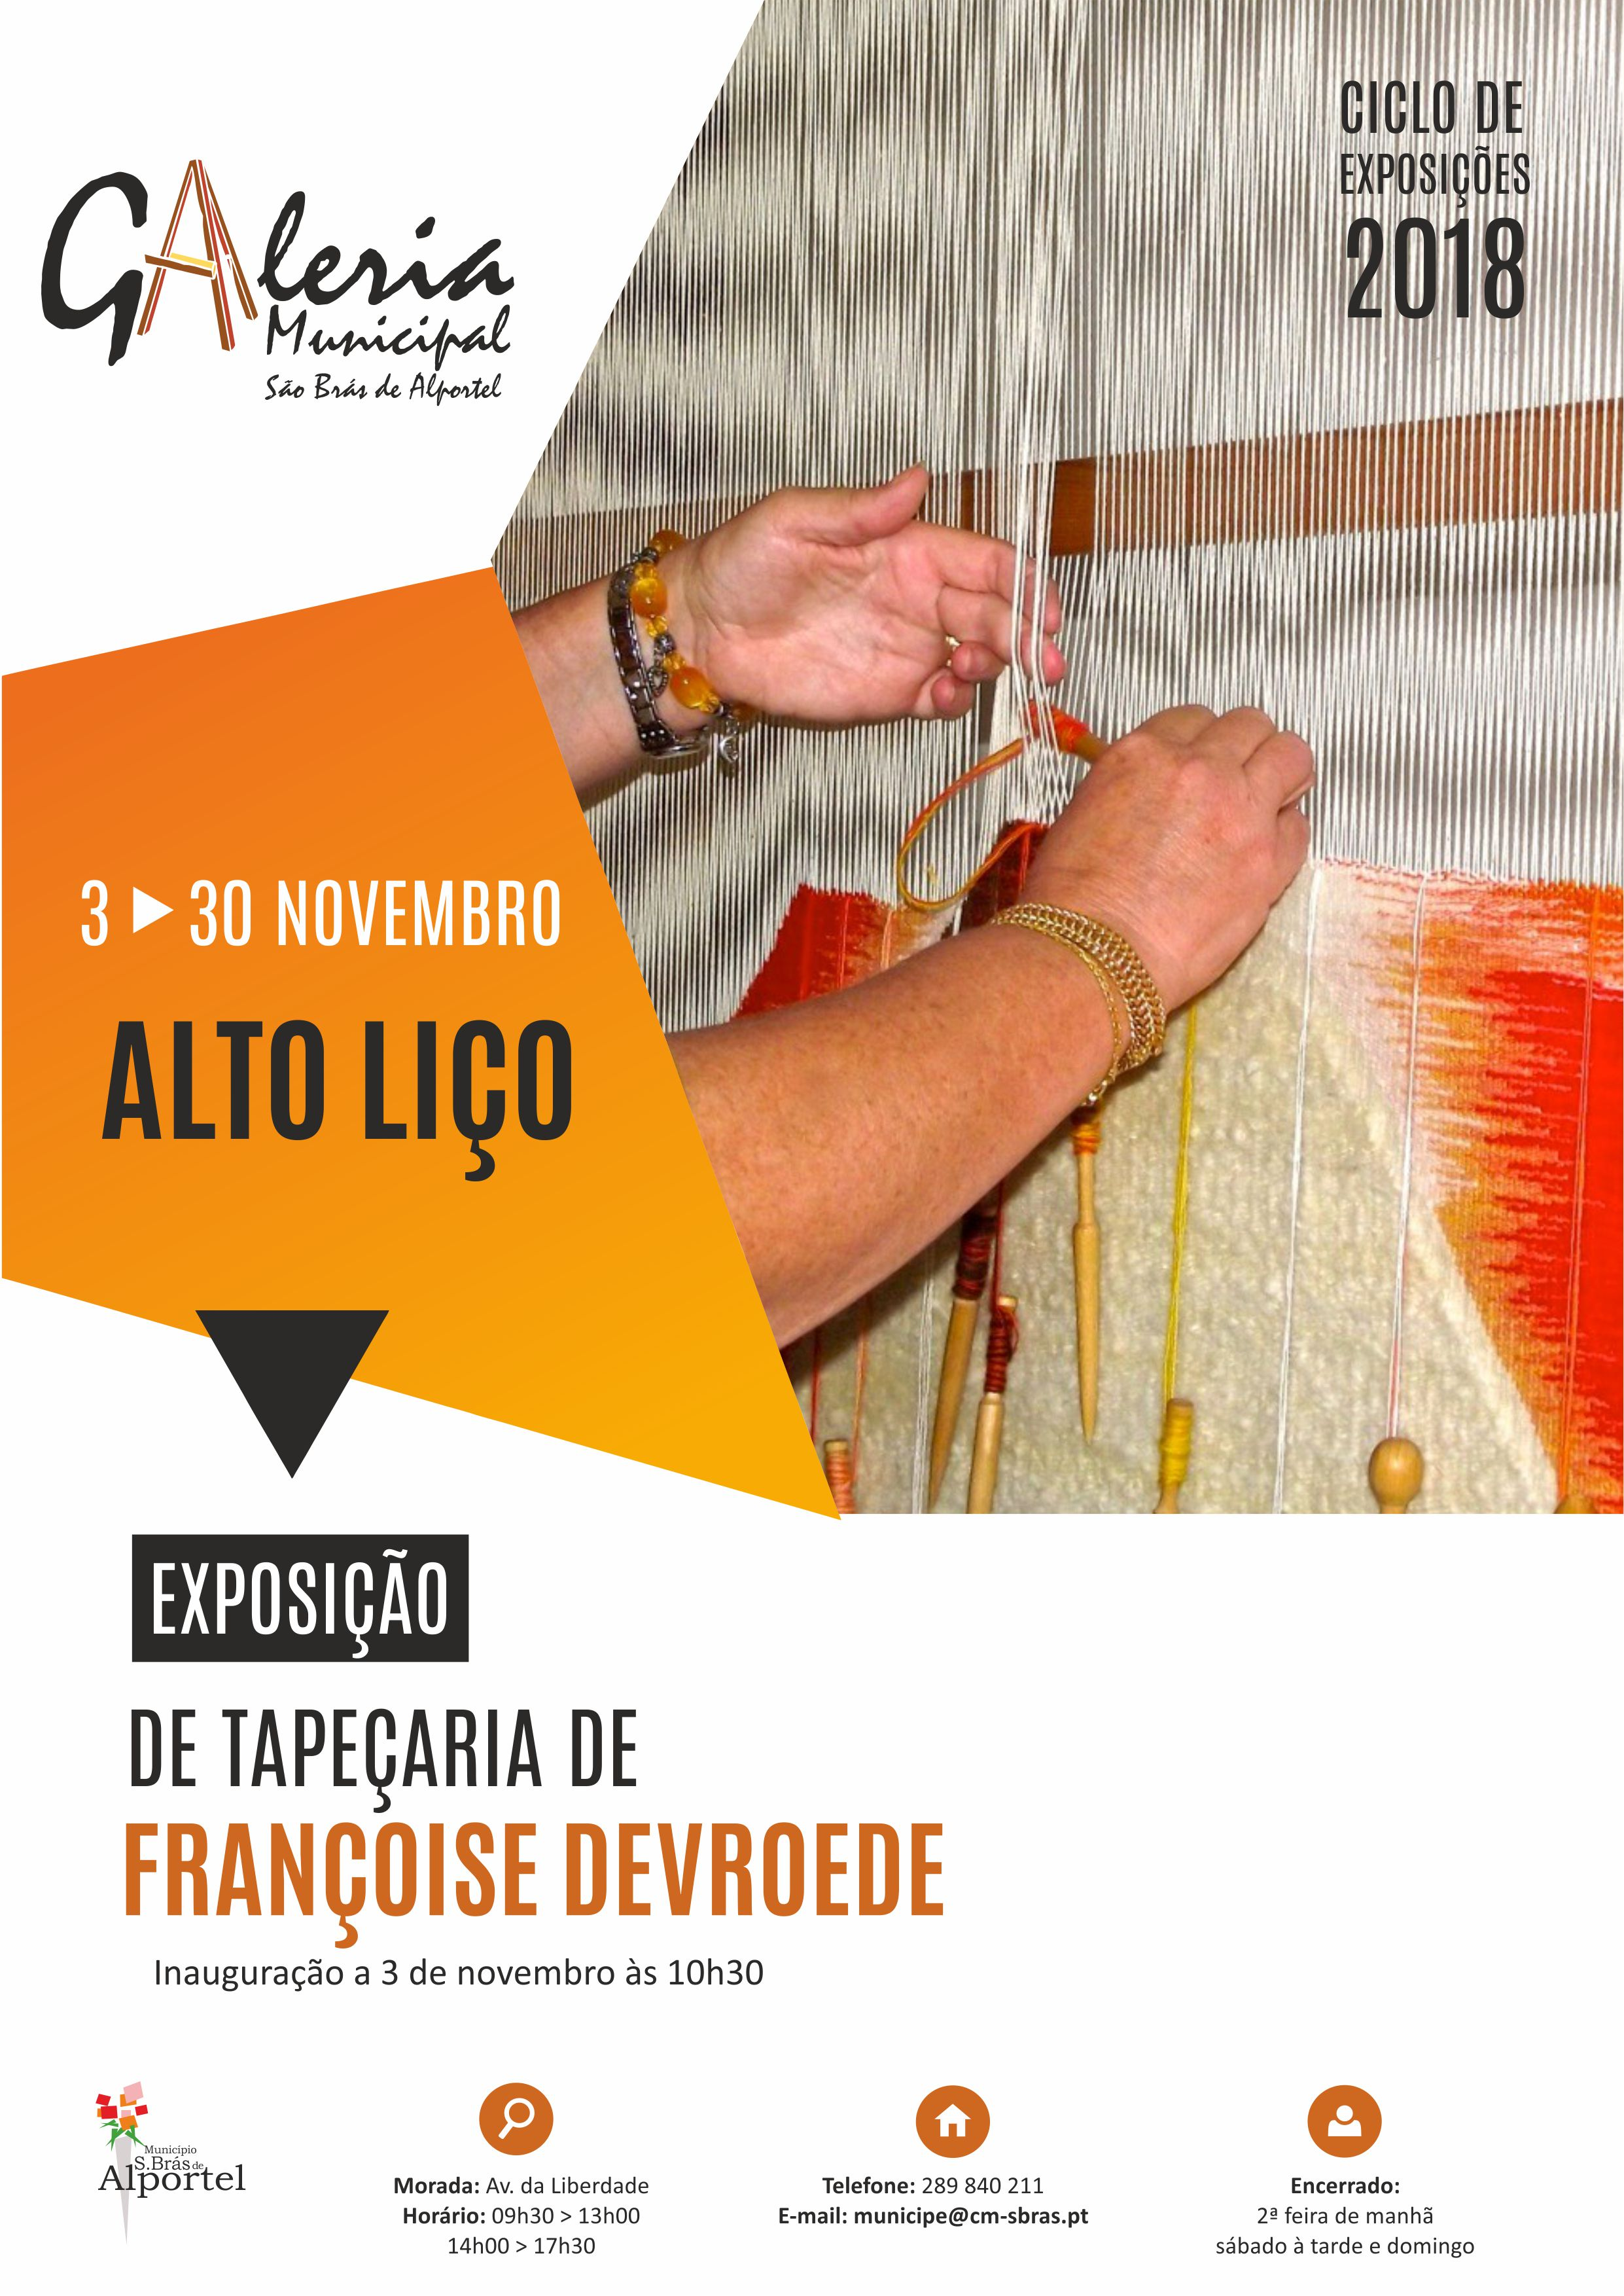 cartaz da exposição de tapeçaria de alto liço